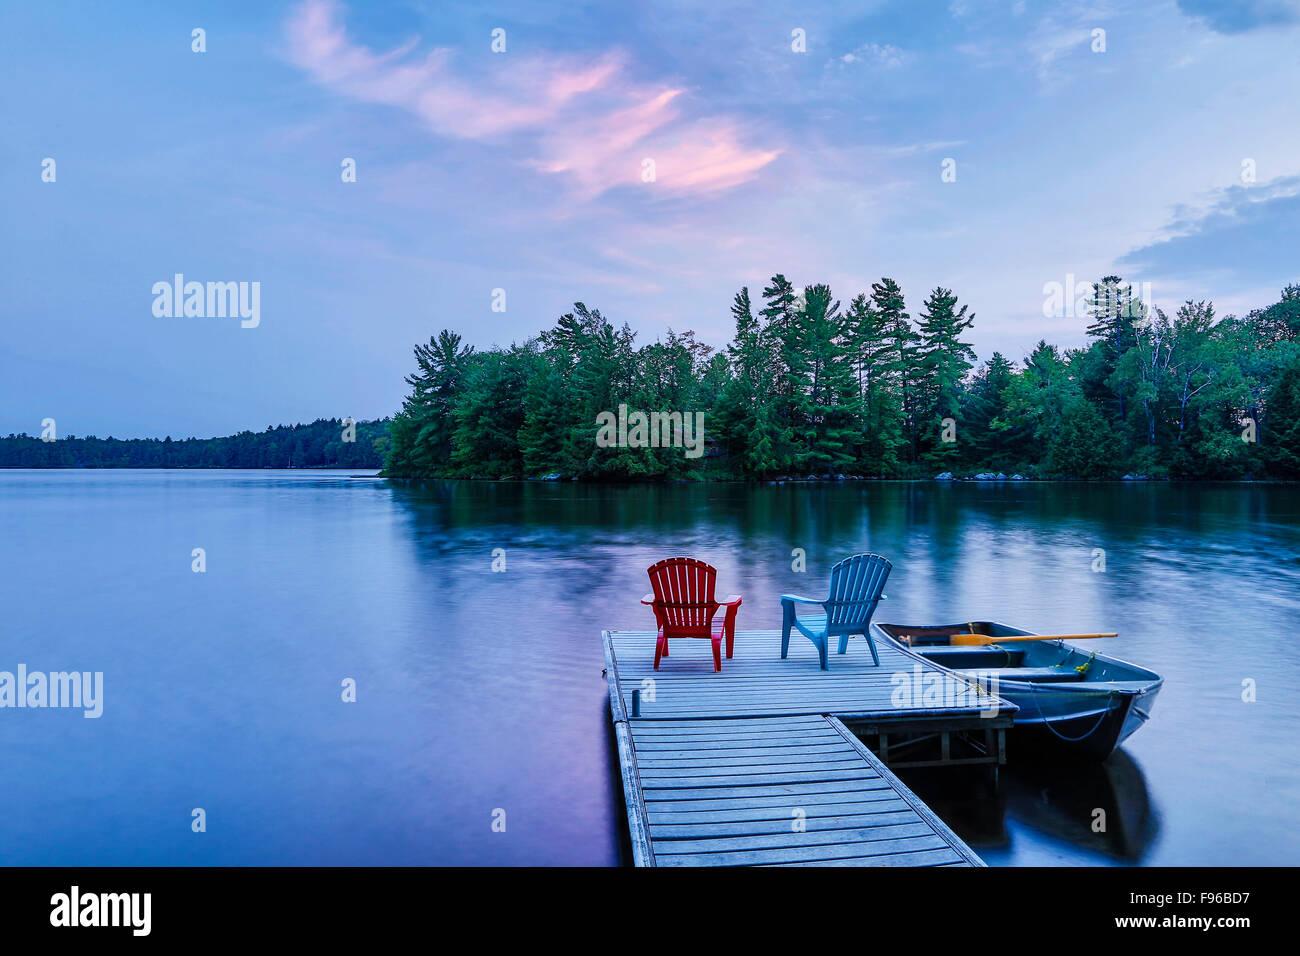 Twilight on Long Lake, Muskoka cottage country, Bala, Ontario, Canada - Stock Image